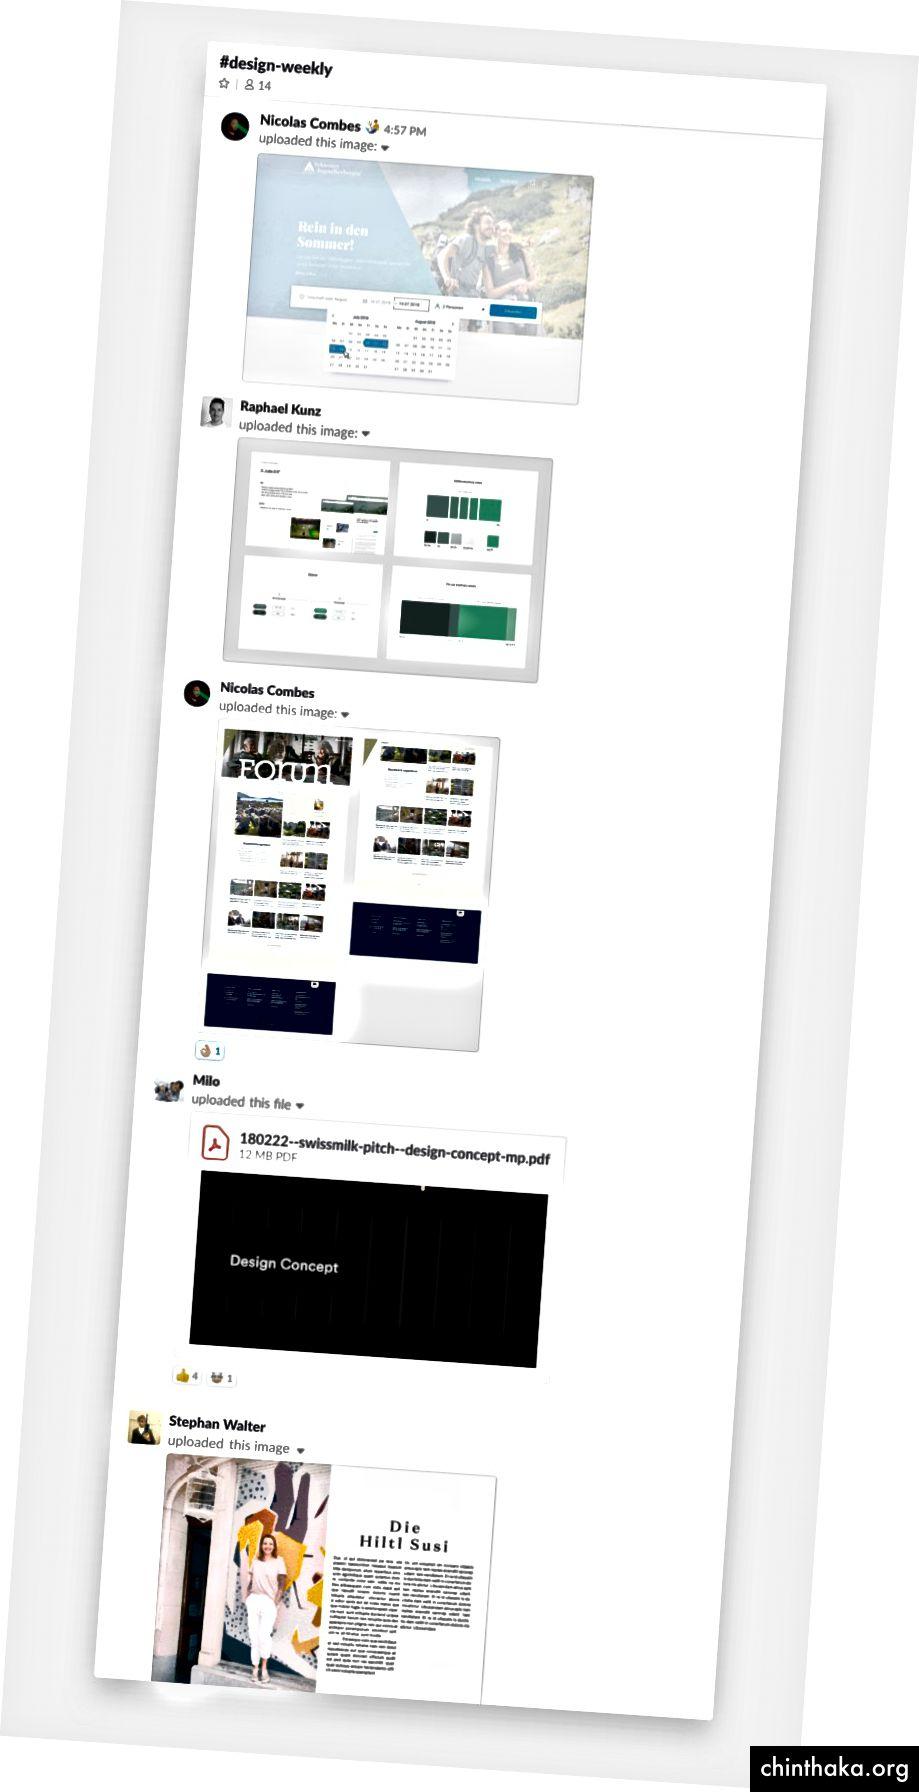 So sieht unser Slack Channel Stream in # design-week an einem Freitag gegen 17 Uhr aus.